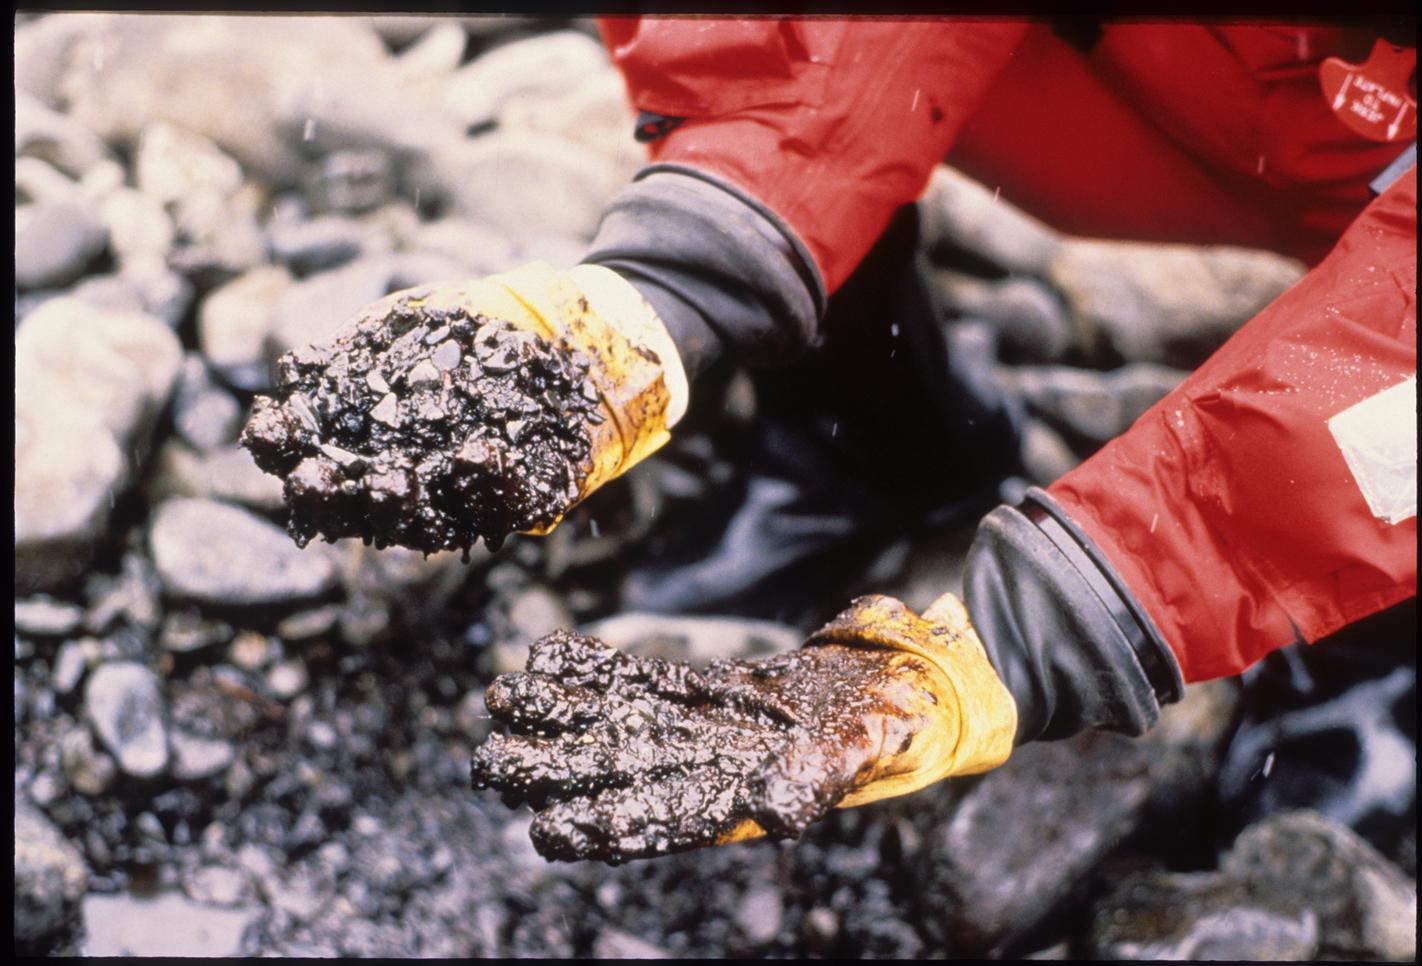 Spill Exxon Valdez Bp Vs